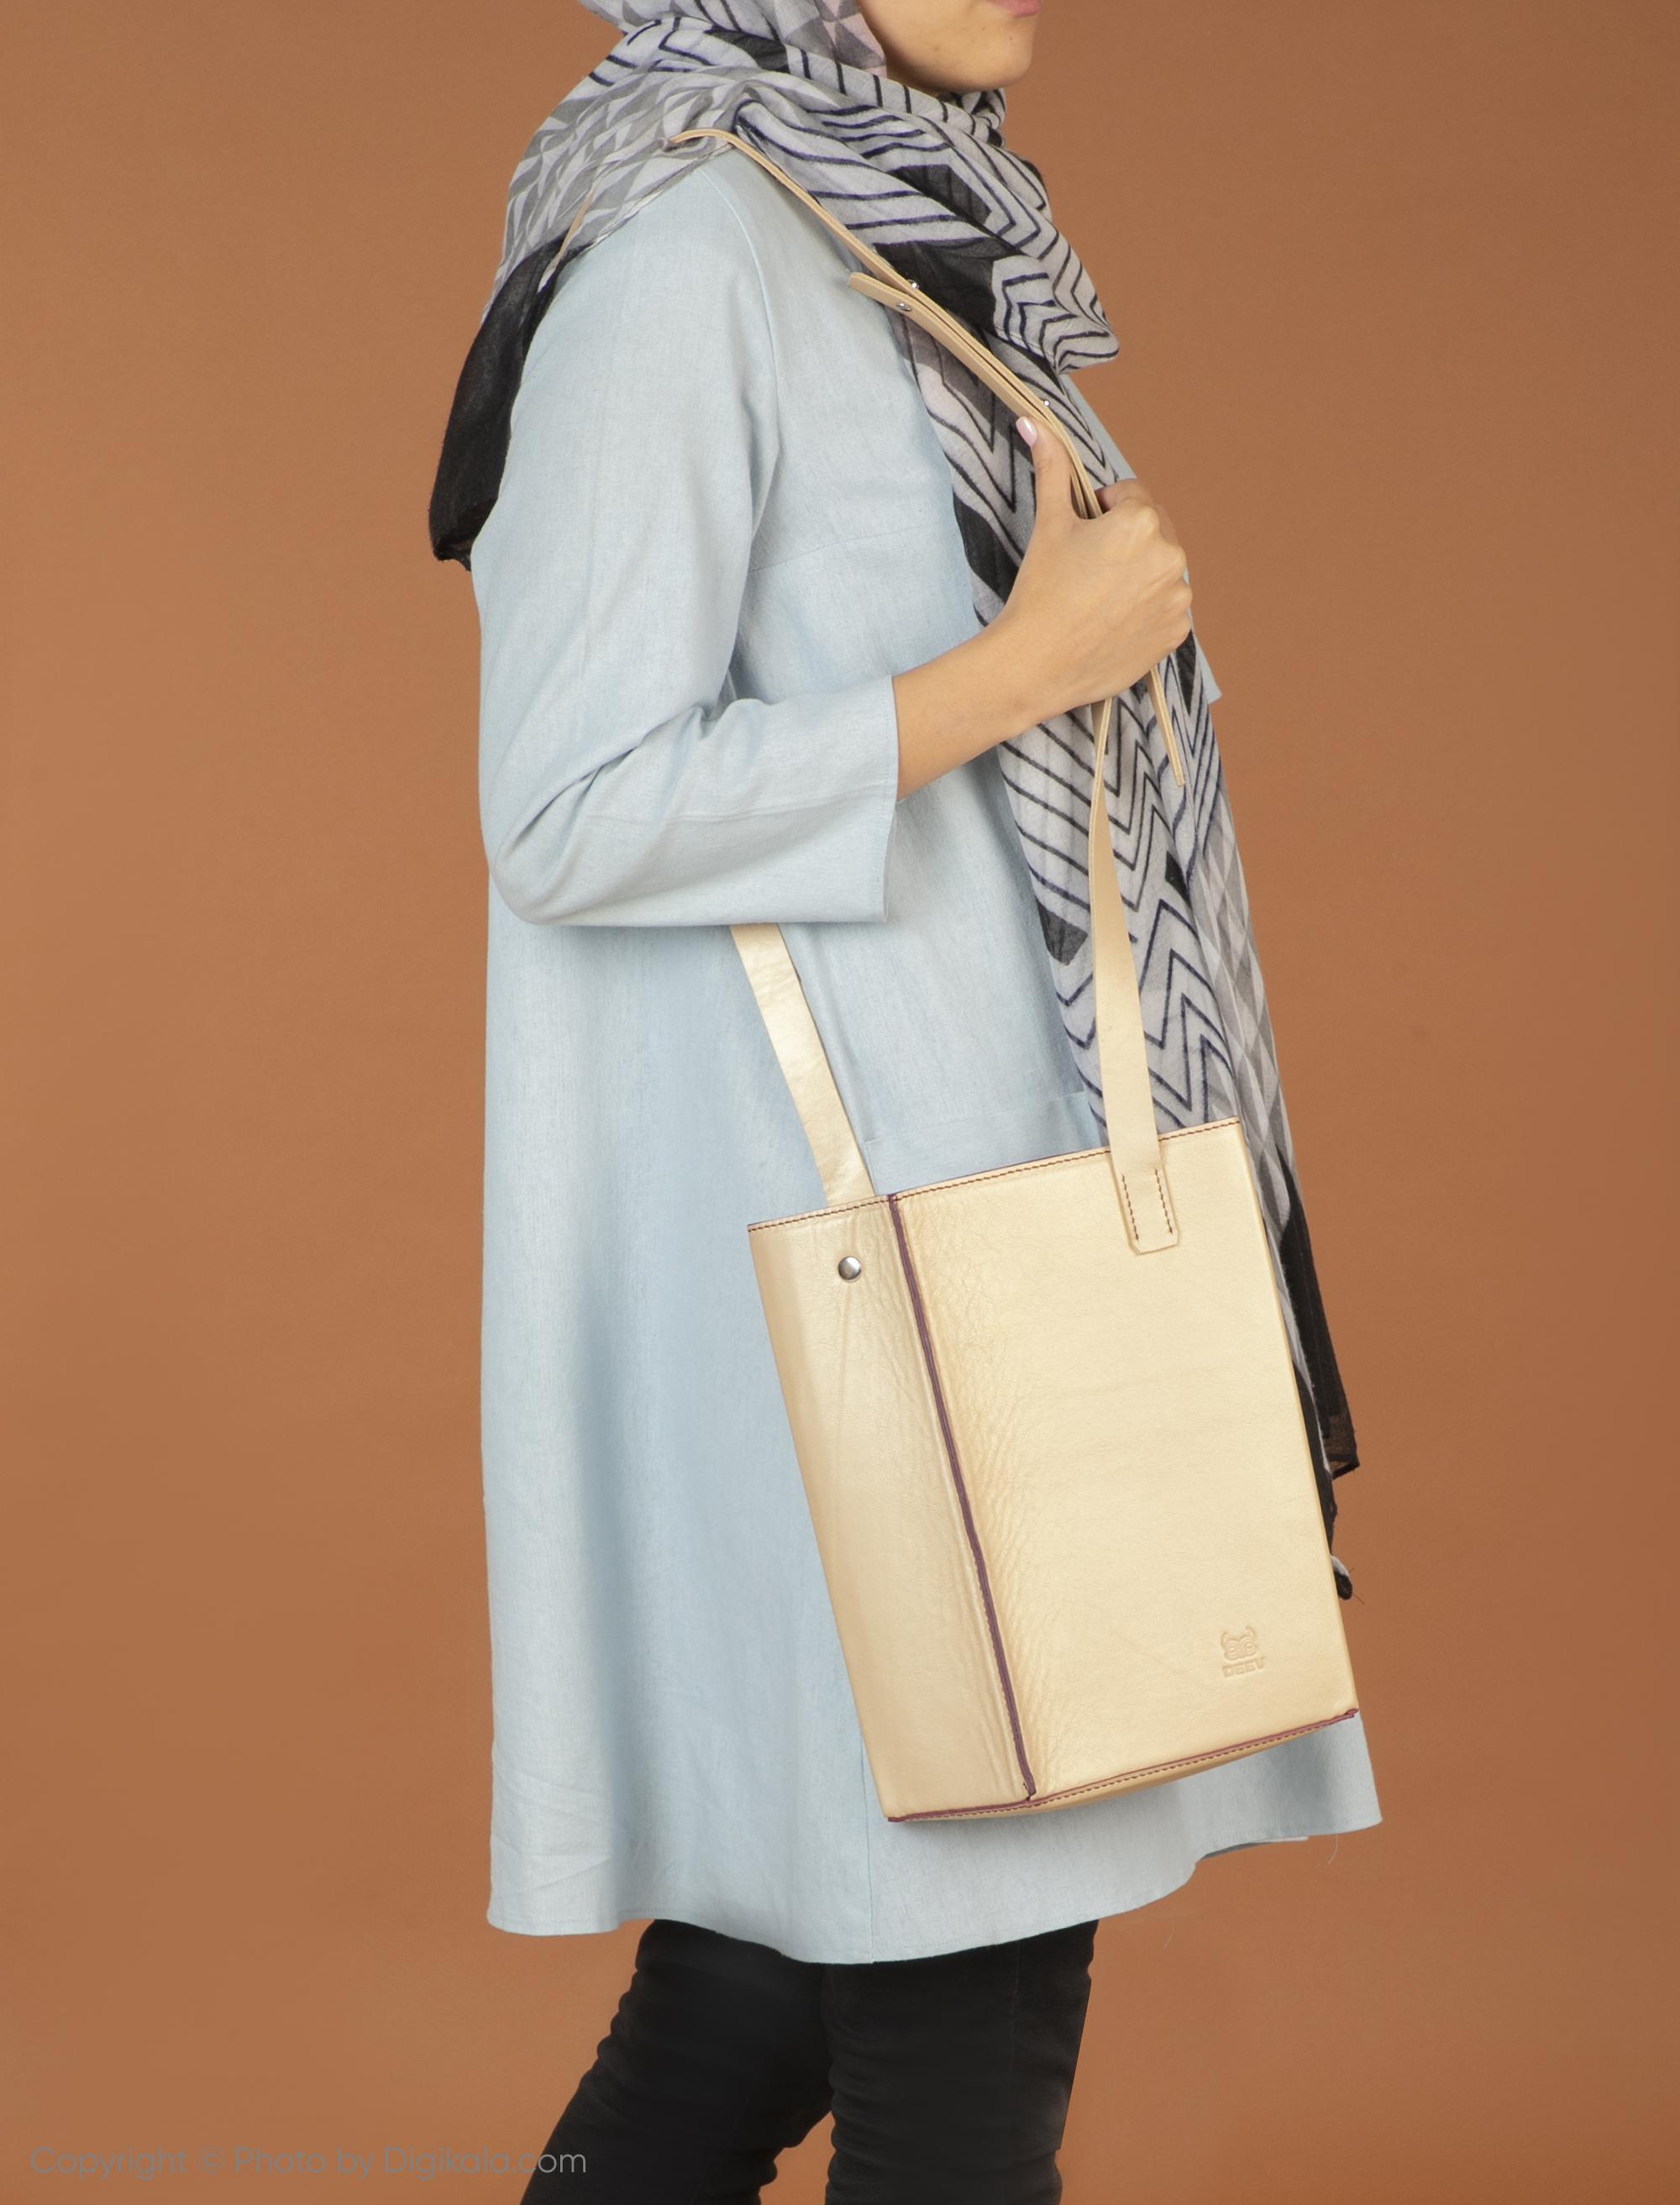 کیف رودوشی زنانه دیو مدل 1573112-04 -  - 2